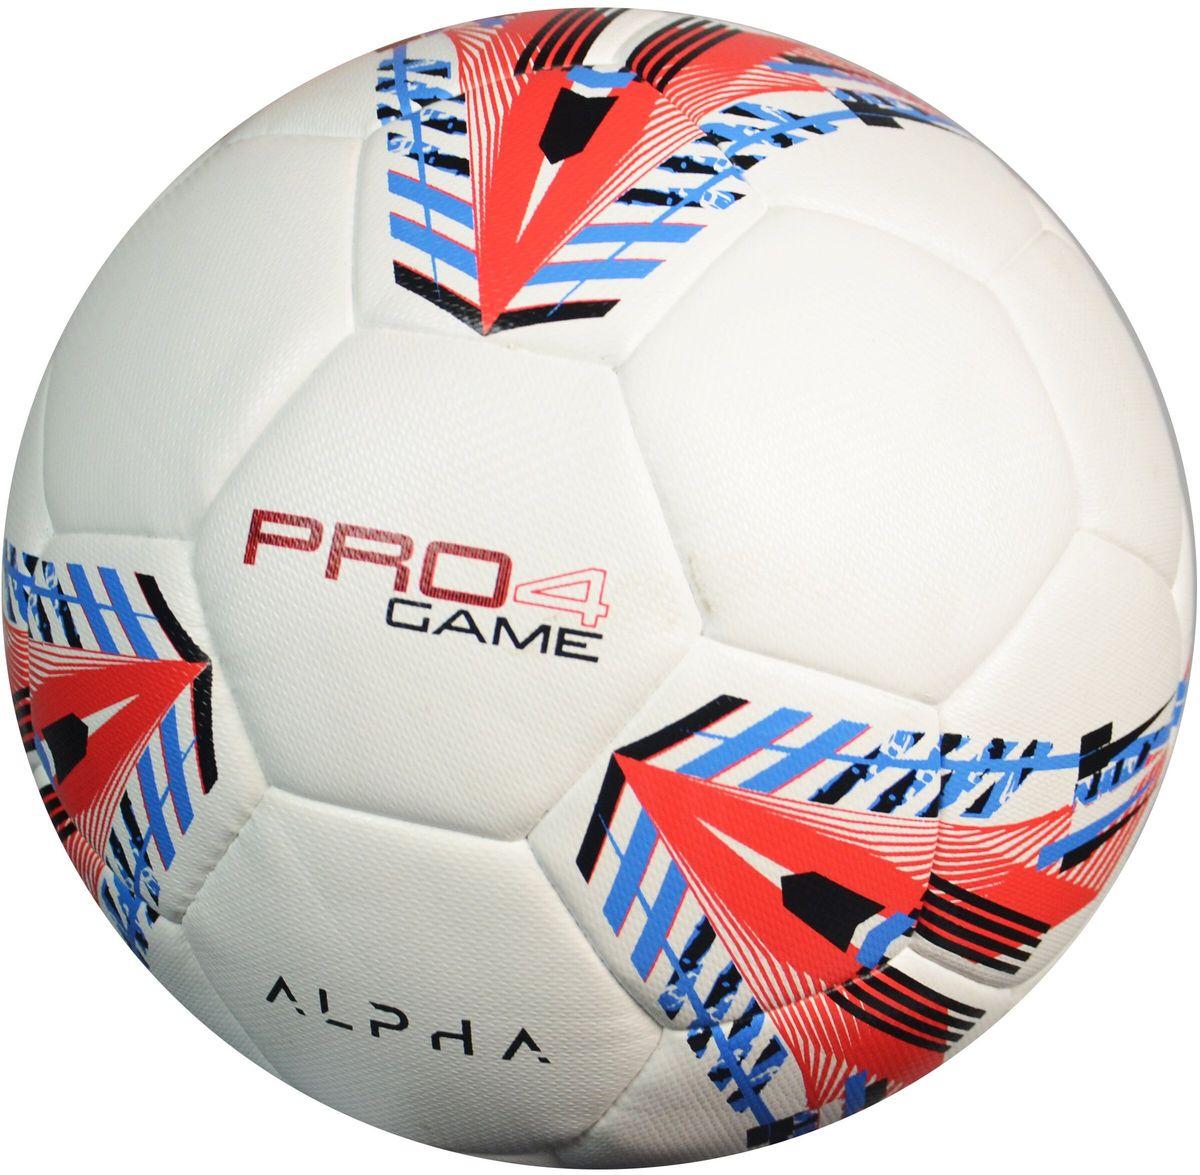 Мяч футбольный AlphaKepeers ProGame, цвет: белый, красный, Размер 4. 83017 С483017 С4Детский футбольный мяч AlphaKeepers произведен по технологии DuoTech (технология высокотемпературного спаивания панелей), обладает долговечностью и нулевой гигроскопичностью. Технические характеристики:Размер: 4.Вес: 360-370 г. Диаметр: 635-660 мм. Рекомендуемое давление: 0.6-0.8 бар.